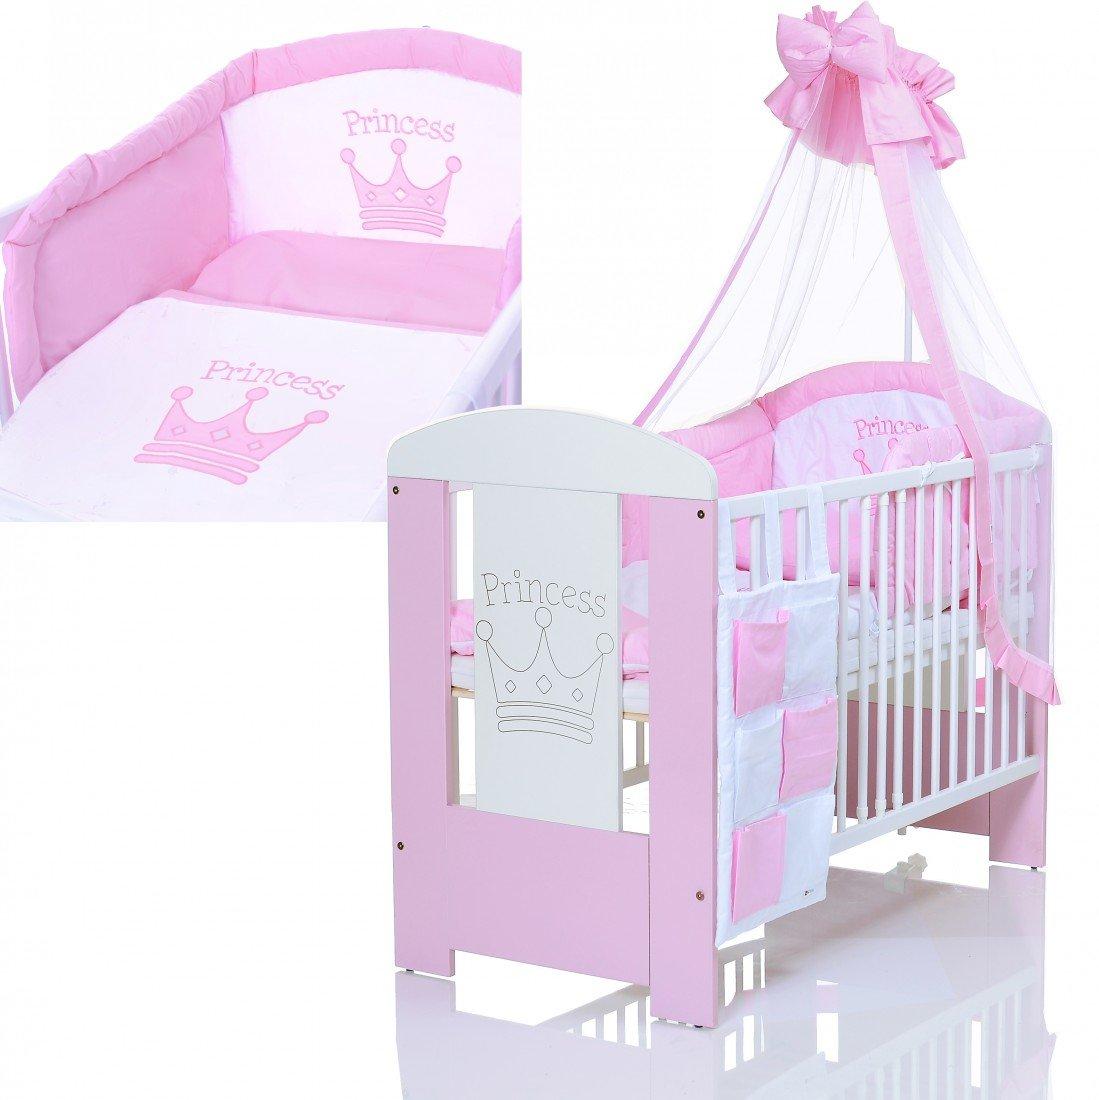 Kinderbett 120x60 inkl. Matratze und Bettwä scheset 3-fach hö henverstellbar | 3 Schlupfsprossen weiß -rosa LCP Kids 97